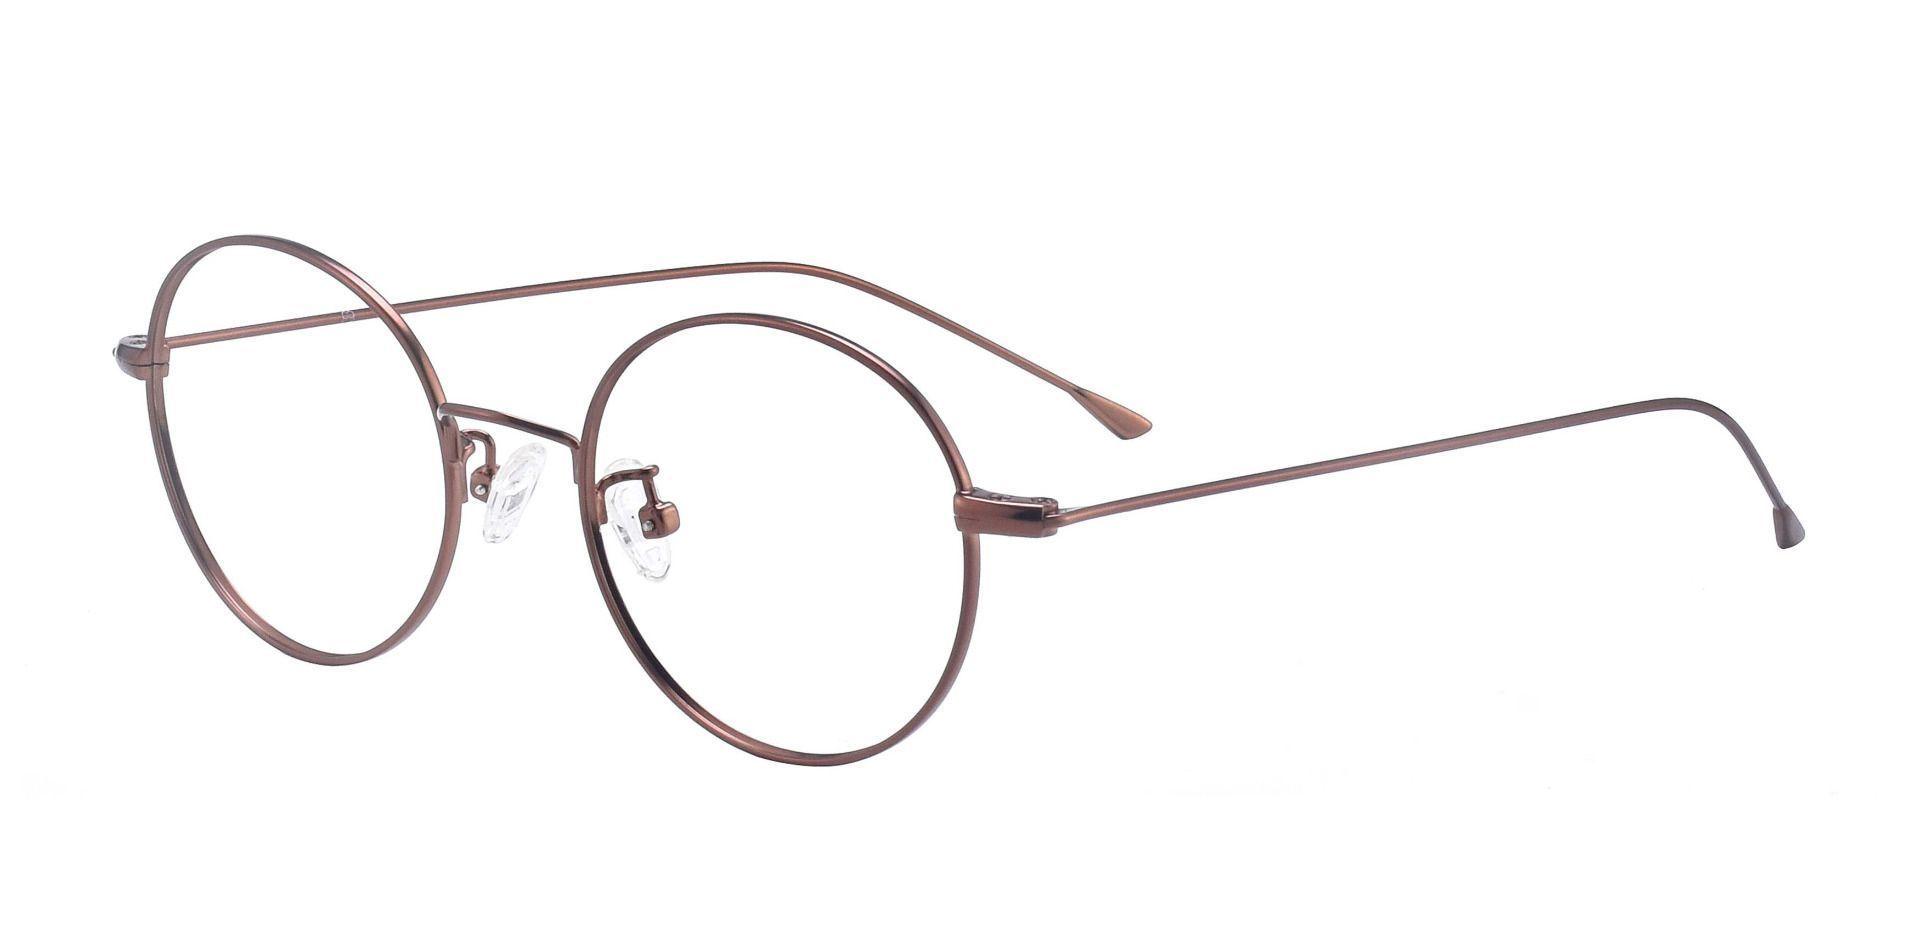 Hammond Oval Prescription Glasses -  Copper